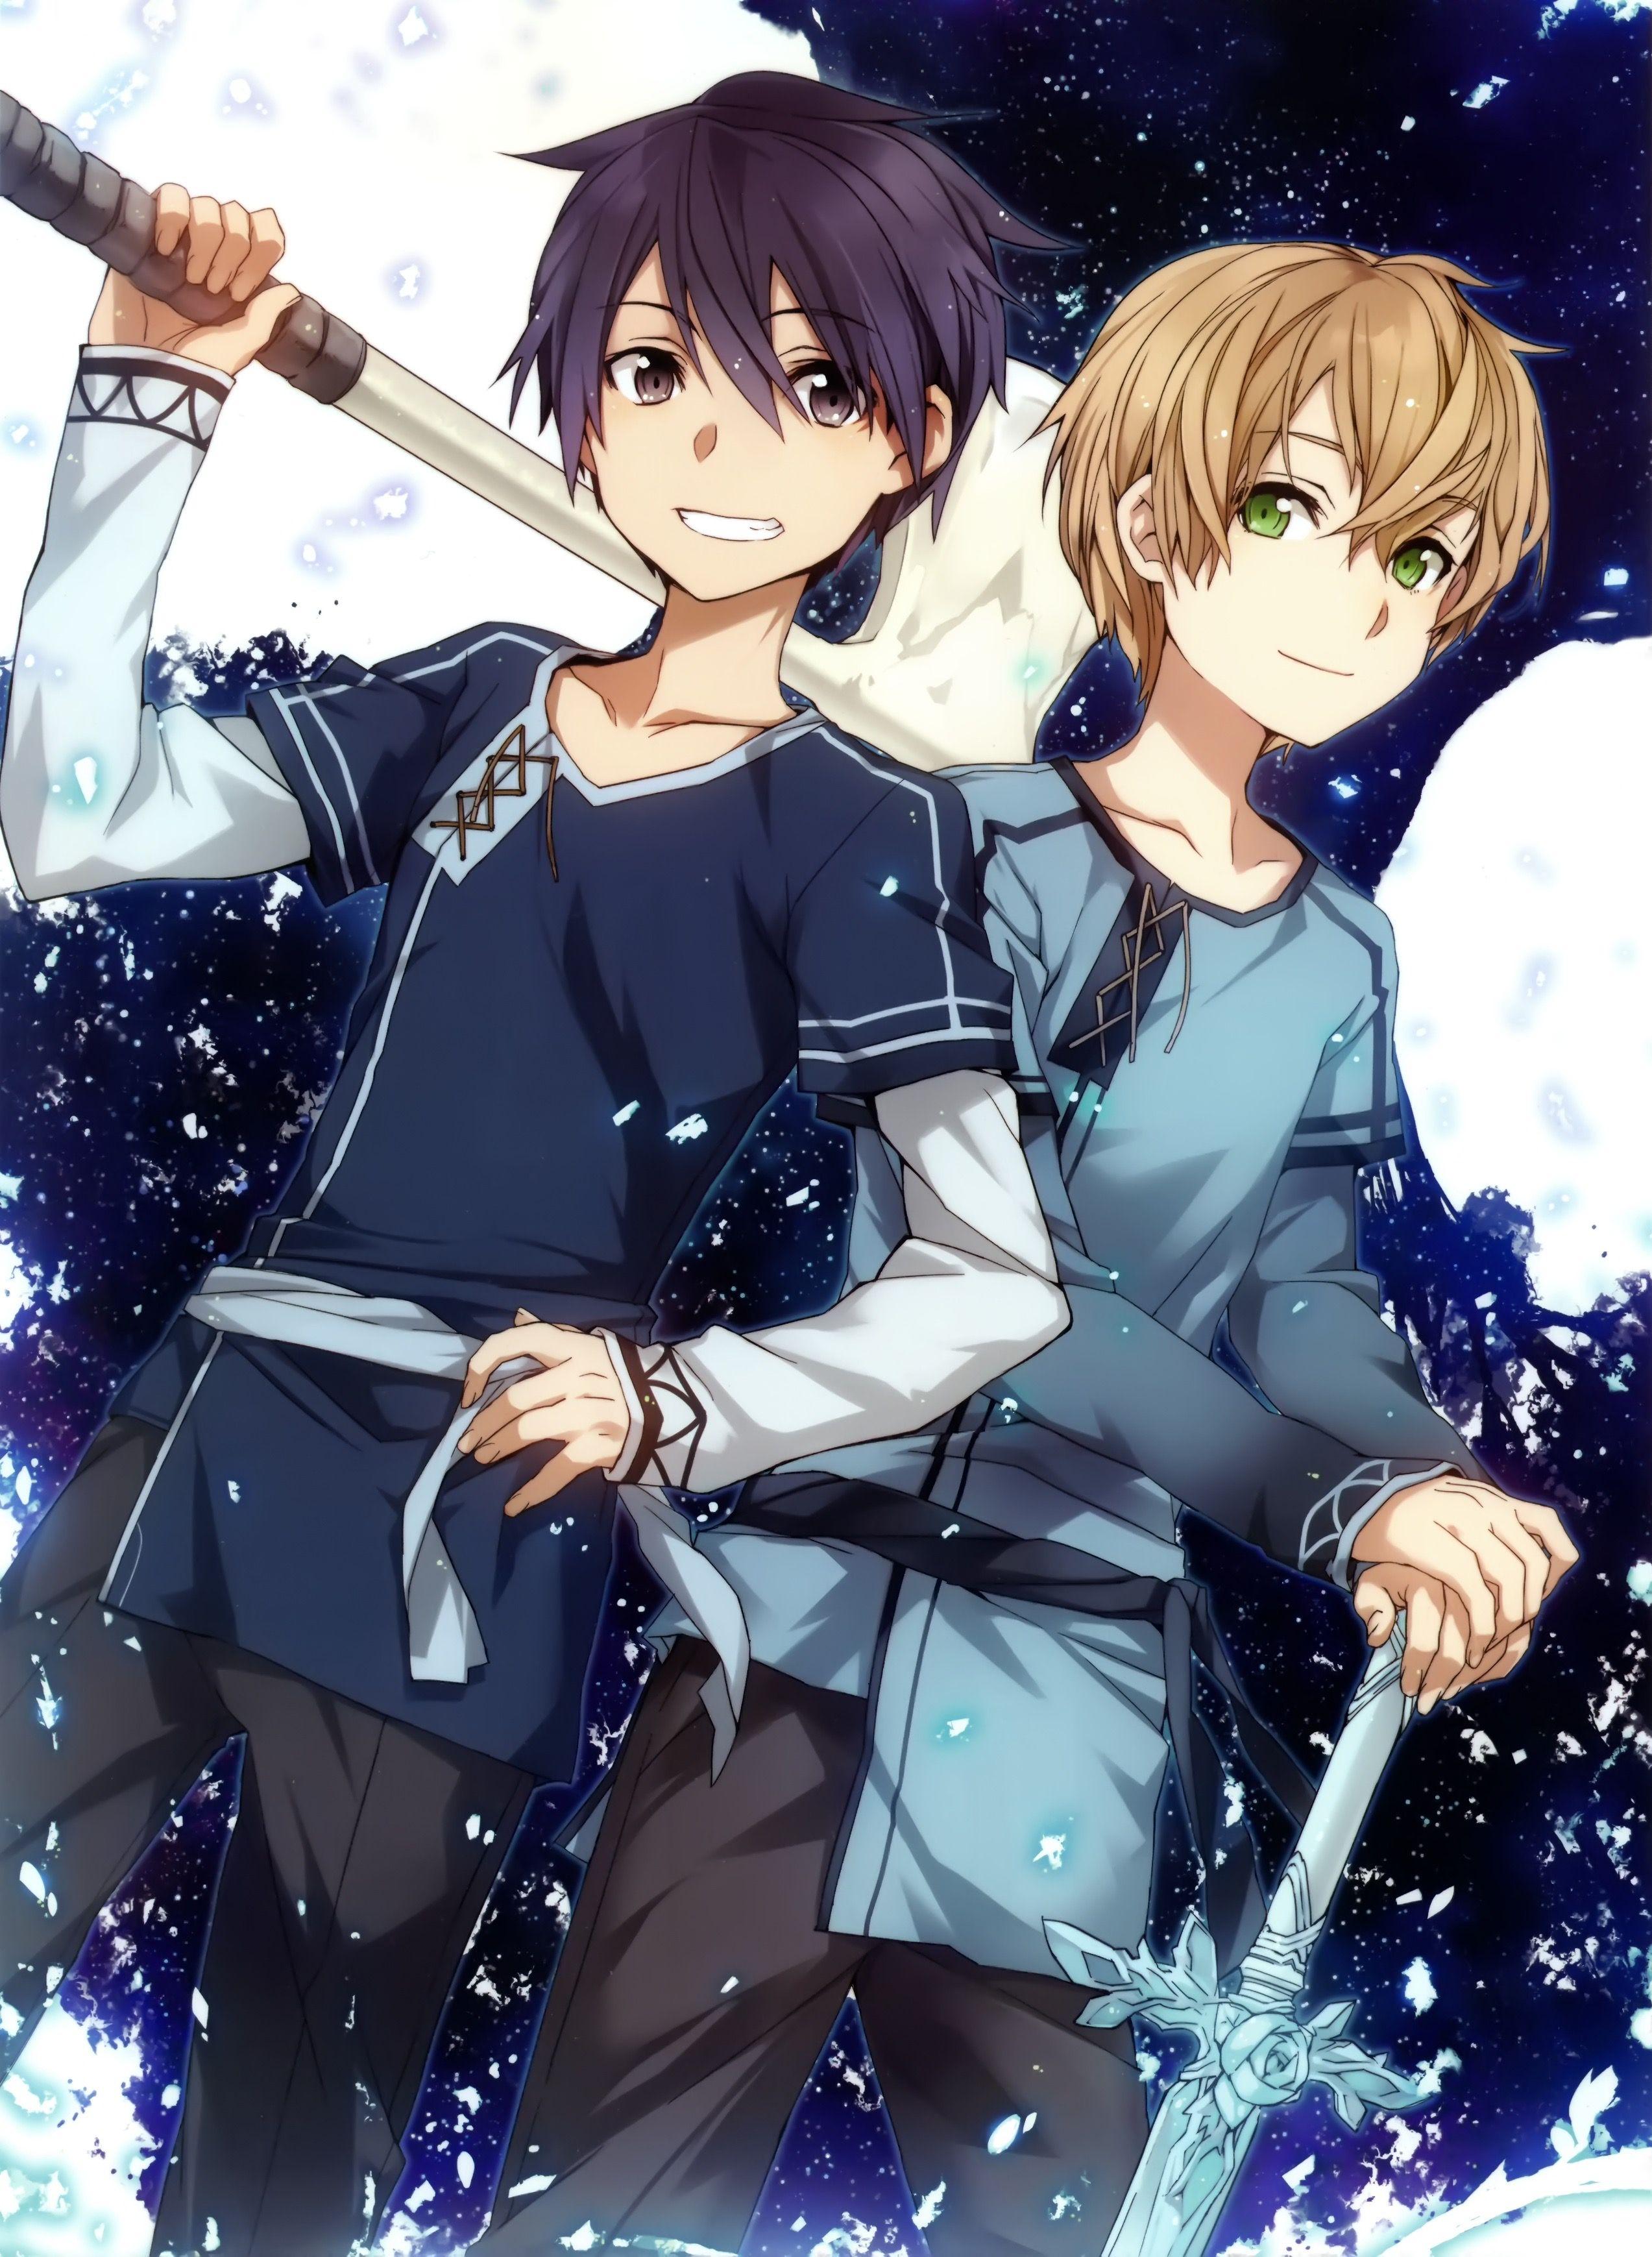 Sword Art Online 1900 ソードアートオンライン ソードアート